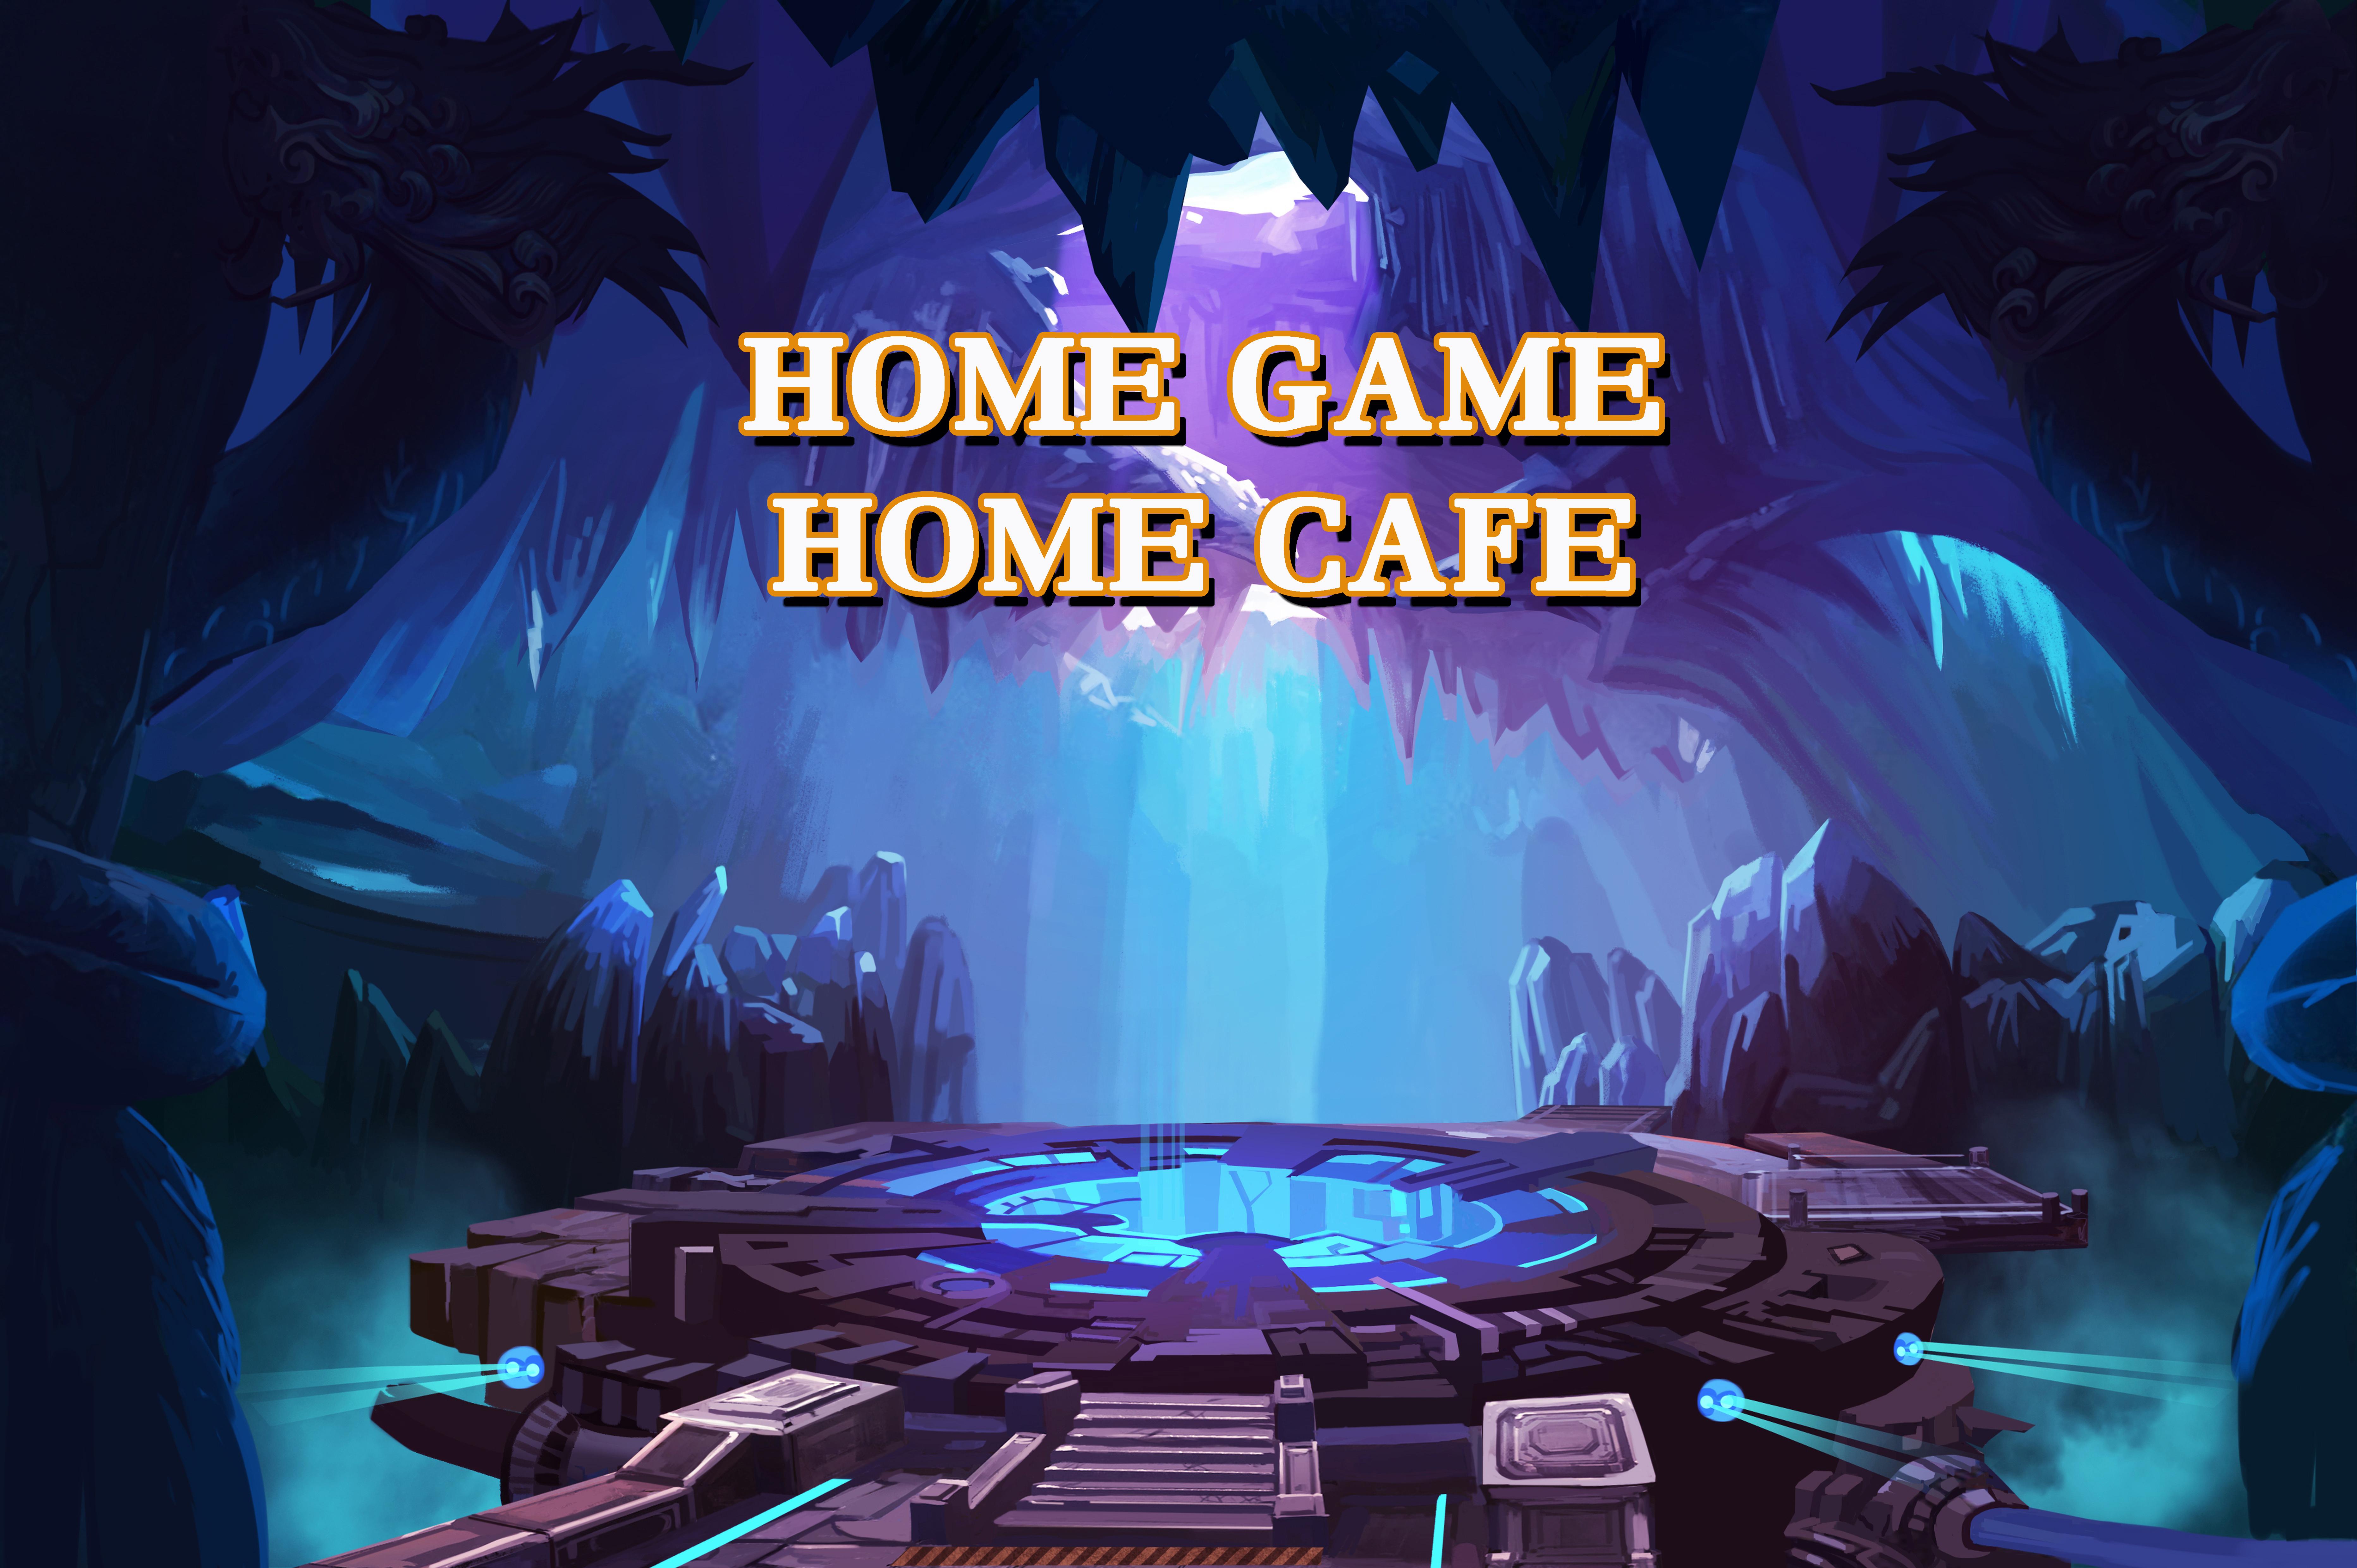 Ưu đãi hấp dẫn khi đăng ký internet kèm truyền hình MyTV cho quán café và quán game tại Hà Nội